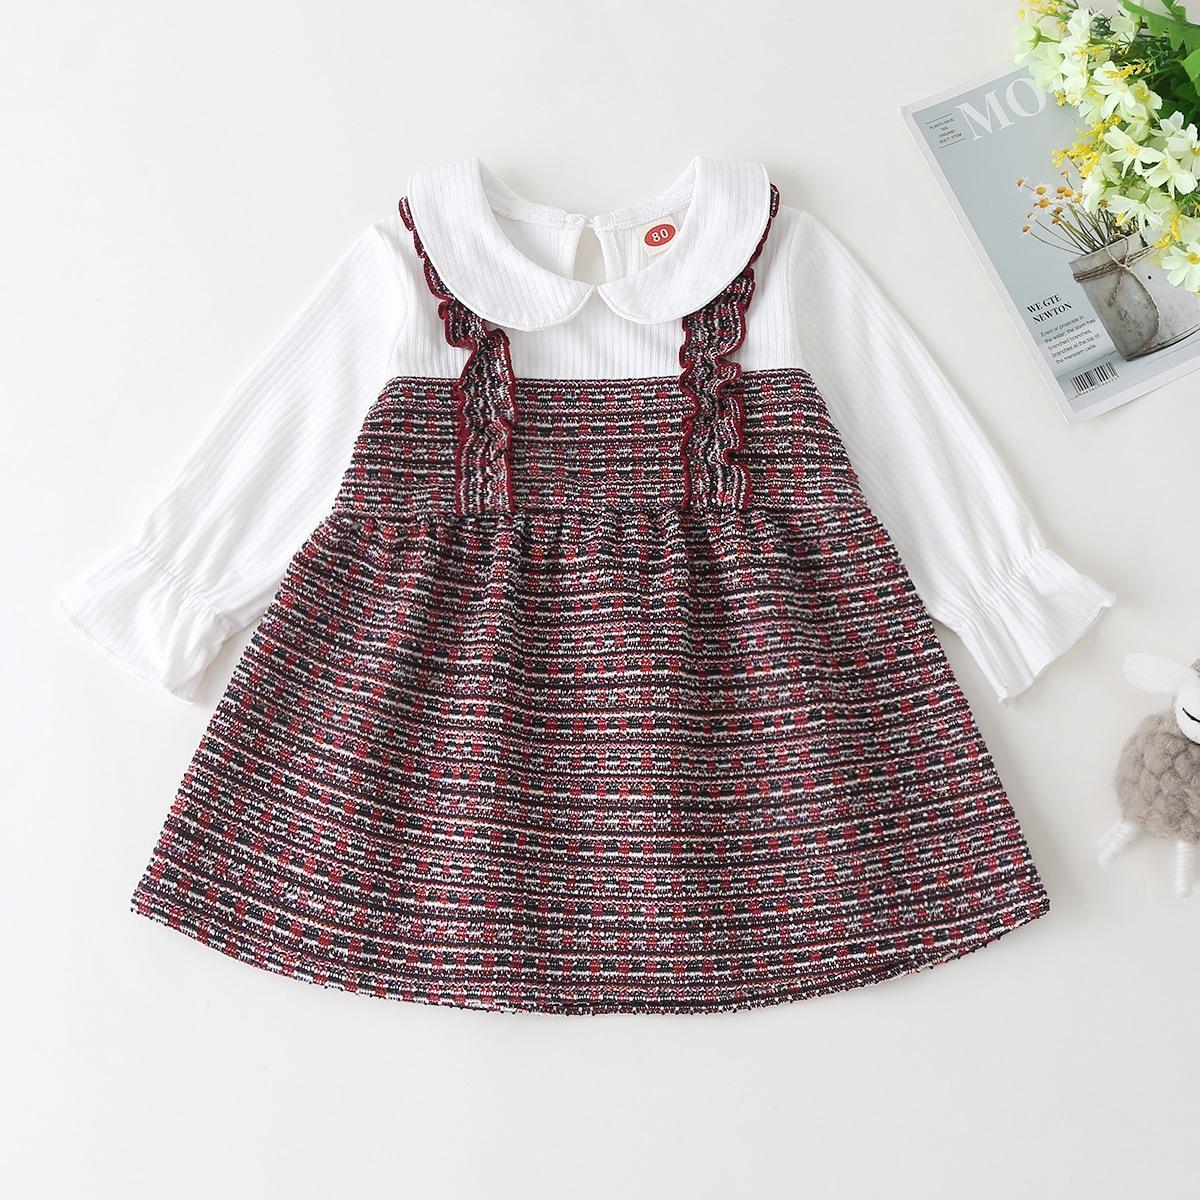 2 в 1 контрастное твидовое платье для девочек